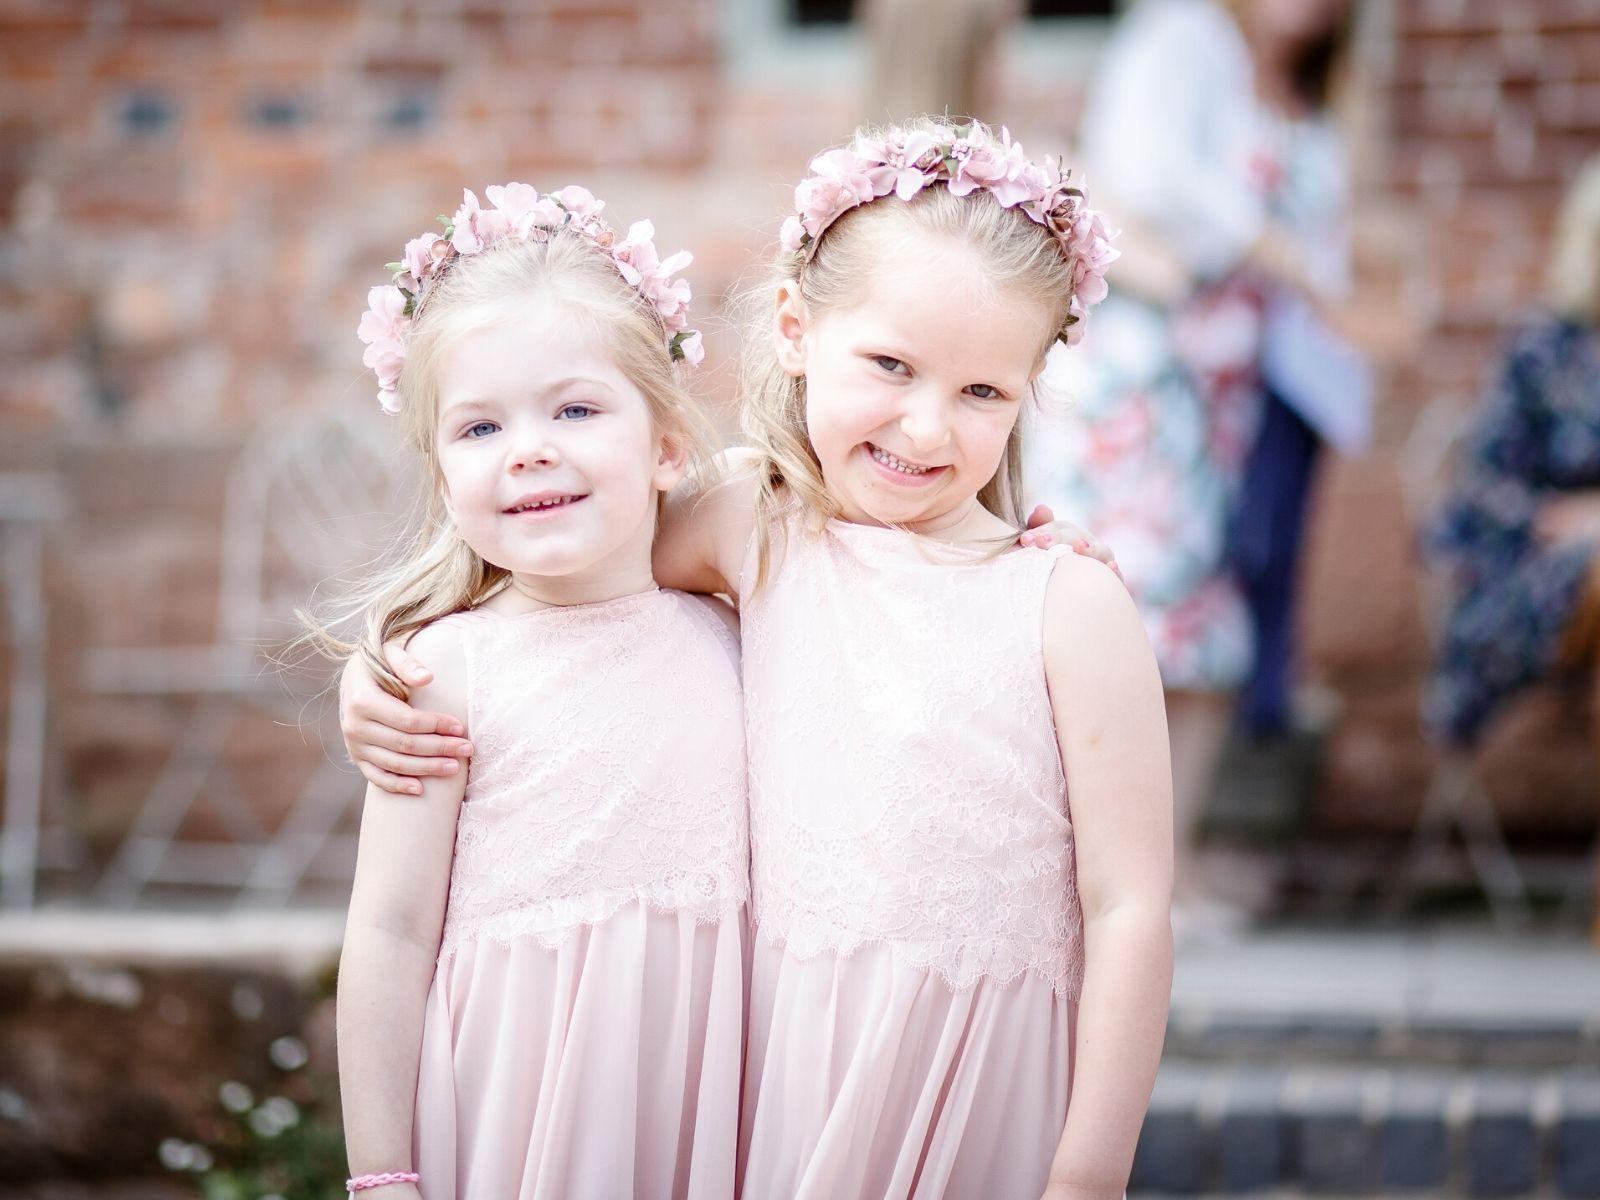 Bespoke flower girl dresses from Boho Bride Boutique